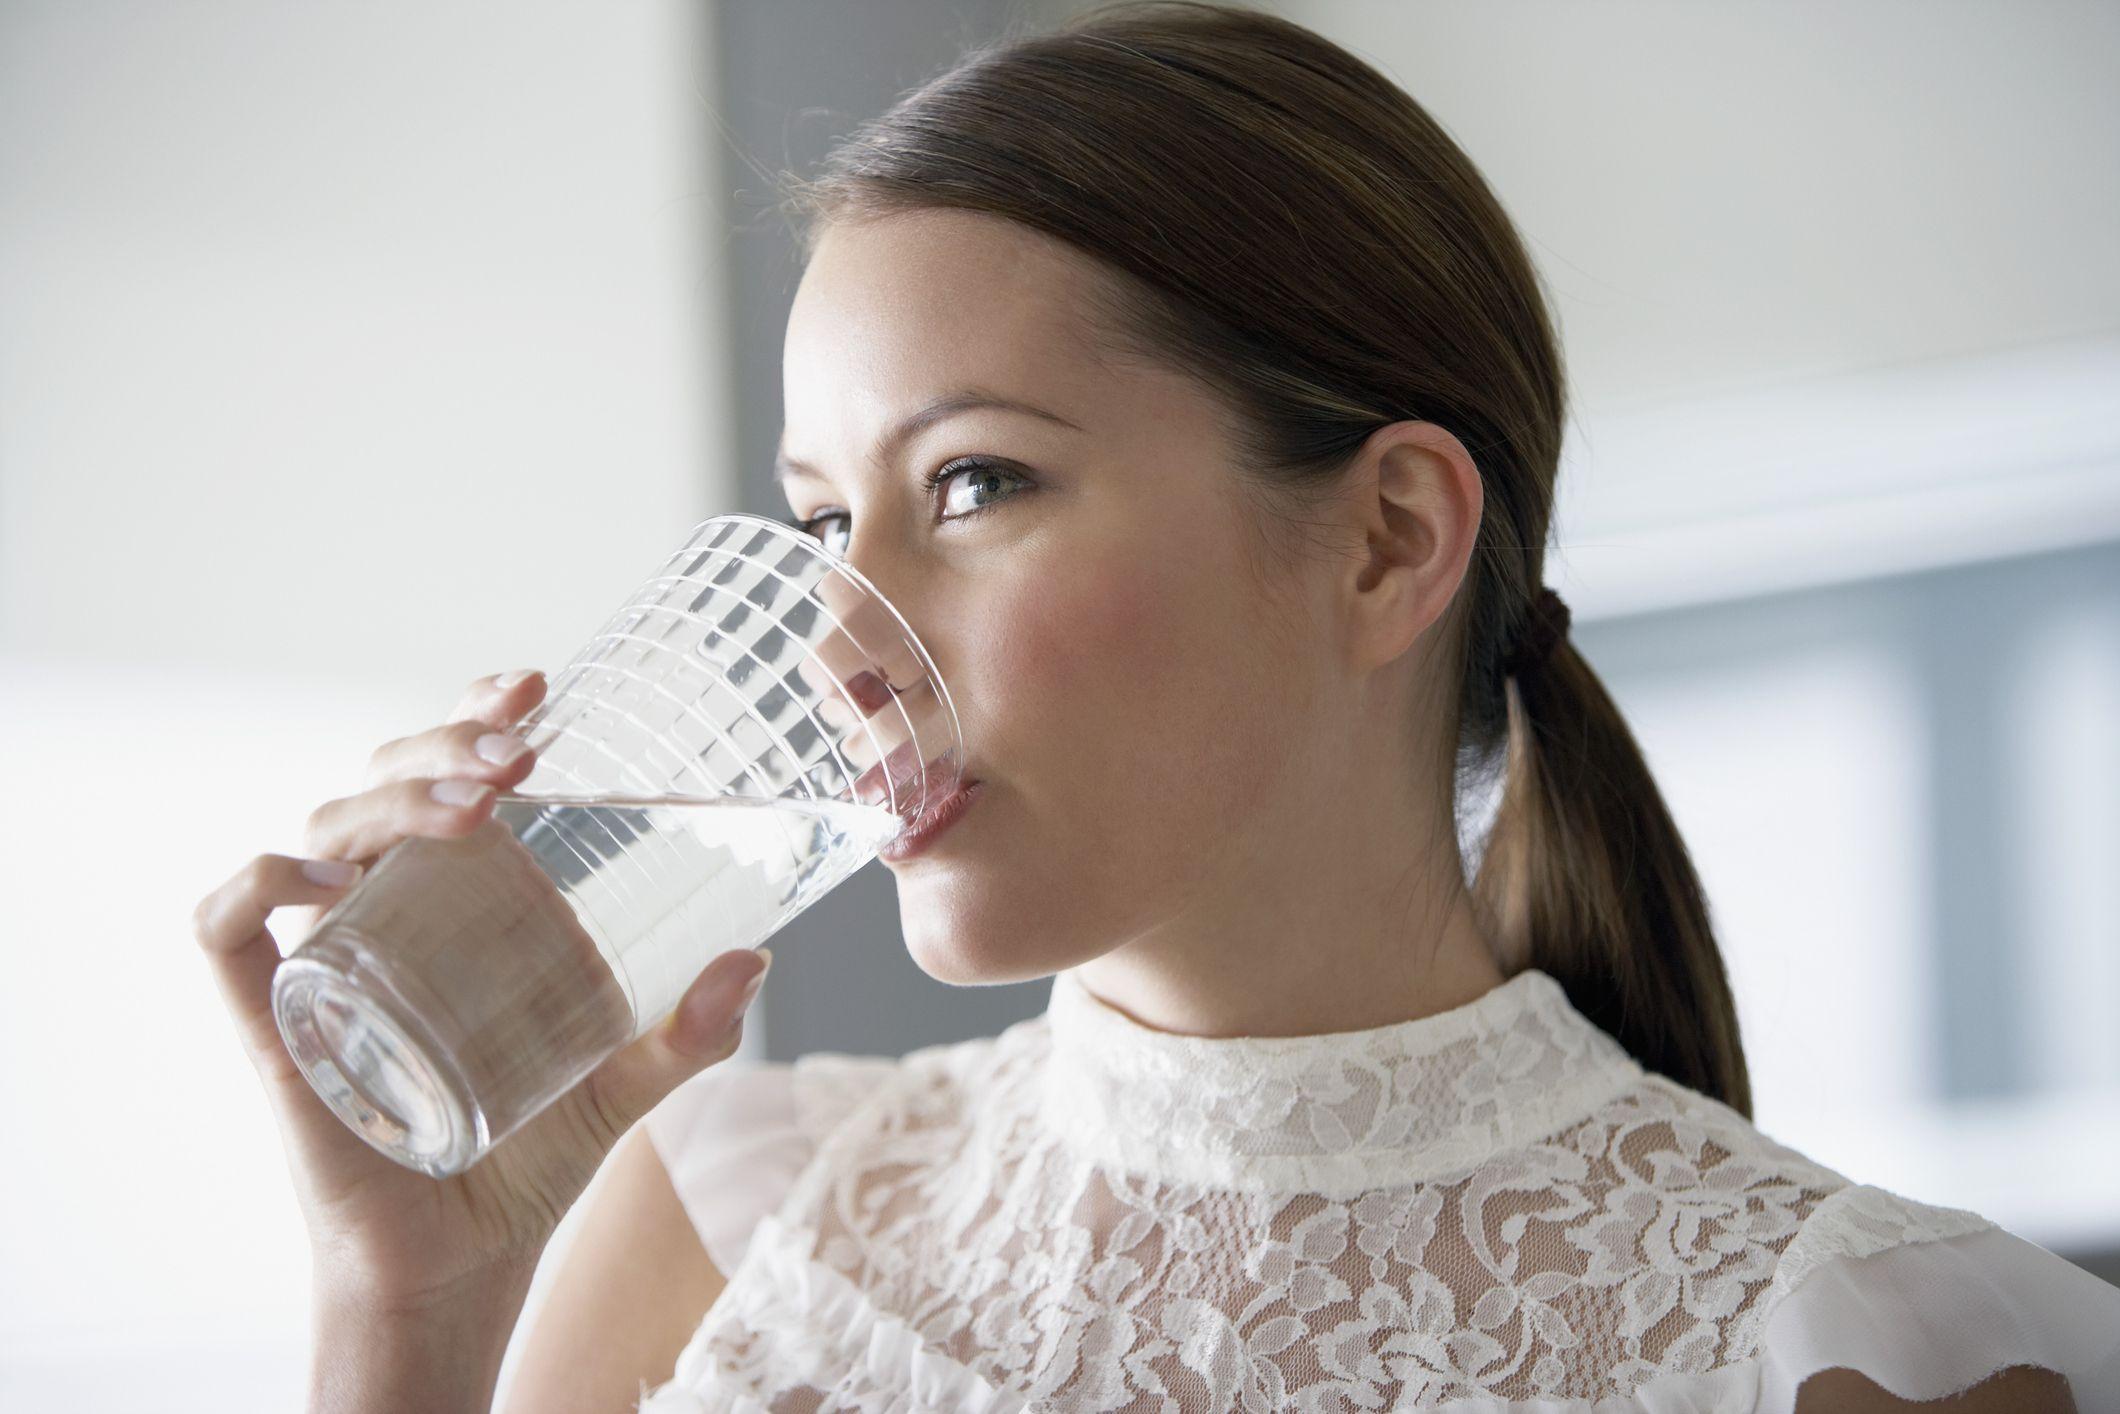 医師に聞く「水を飲むと美肌になる」説の真実